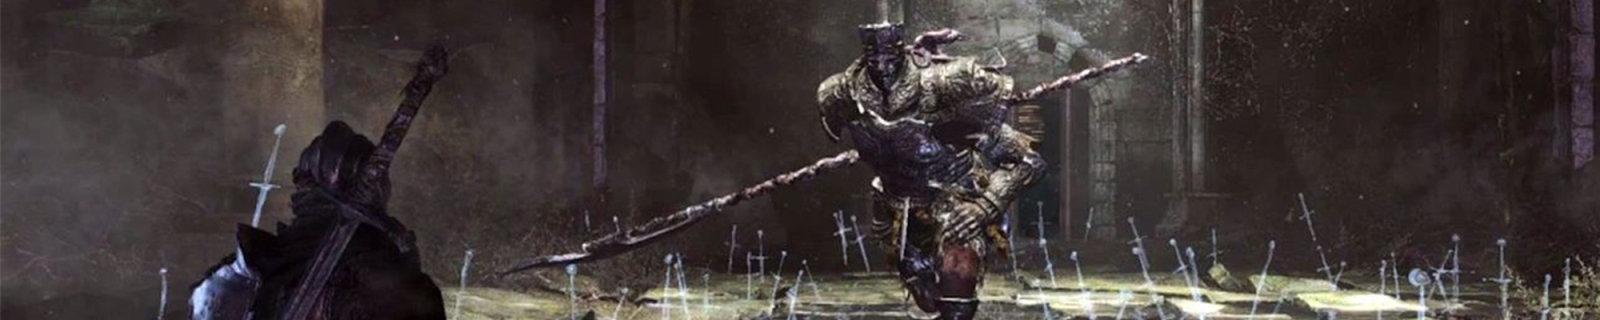 《黑暗之魂3》PAX Prime 2015试玩